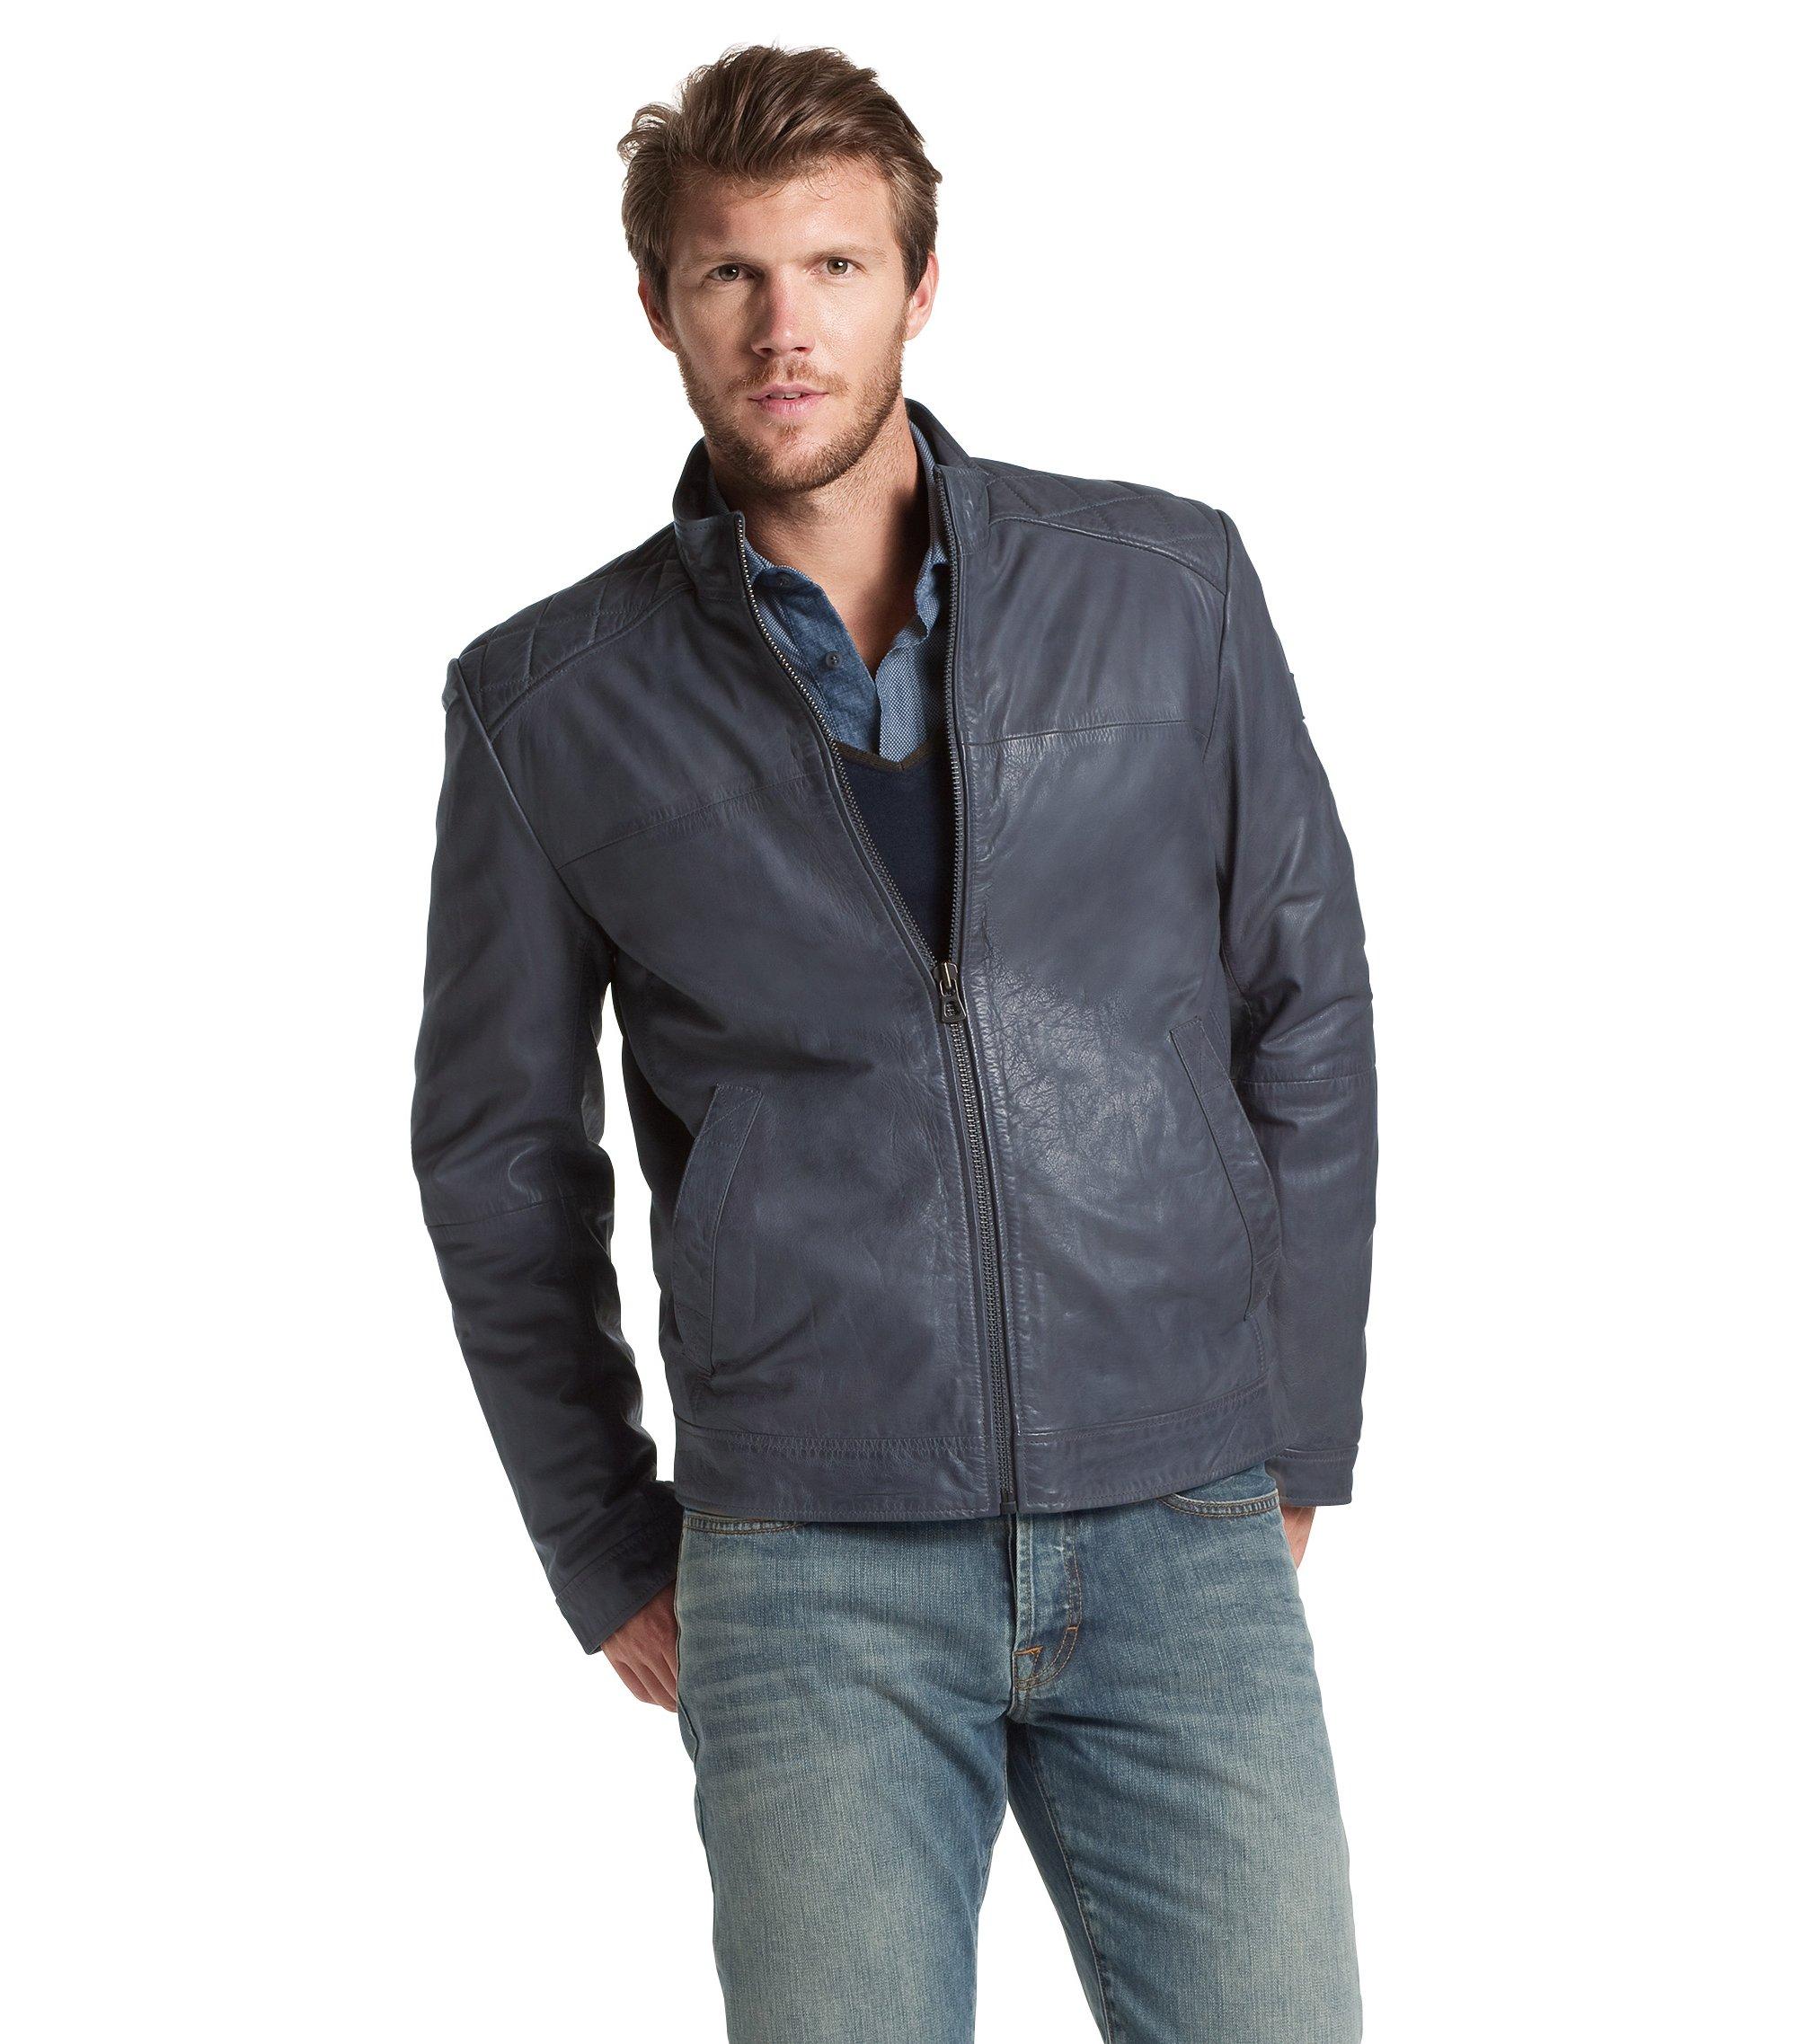 Calfskin leather jacket 'Jokar', Dark Grey